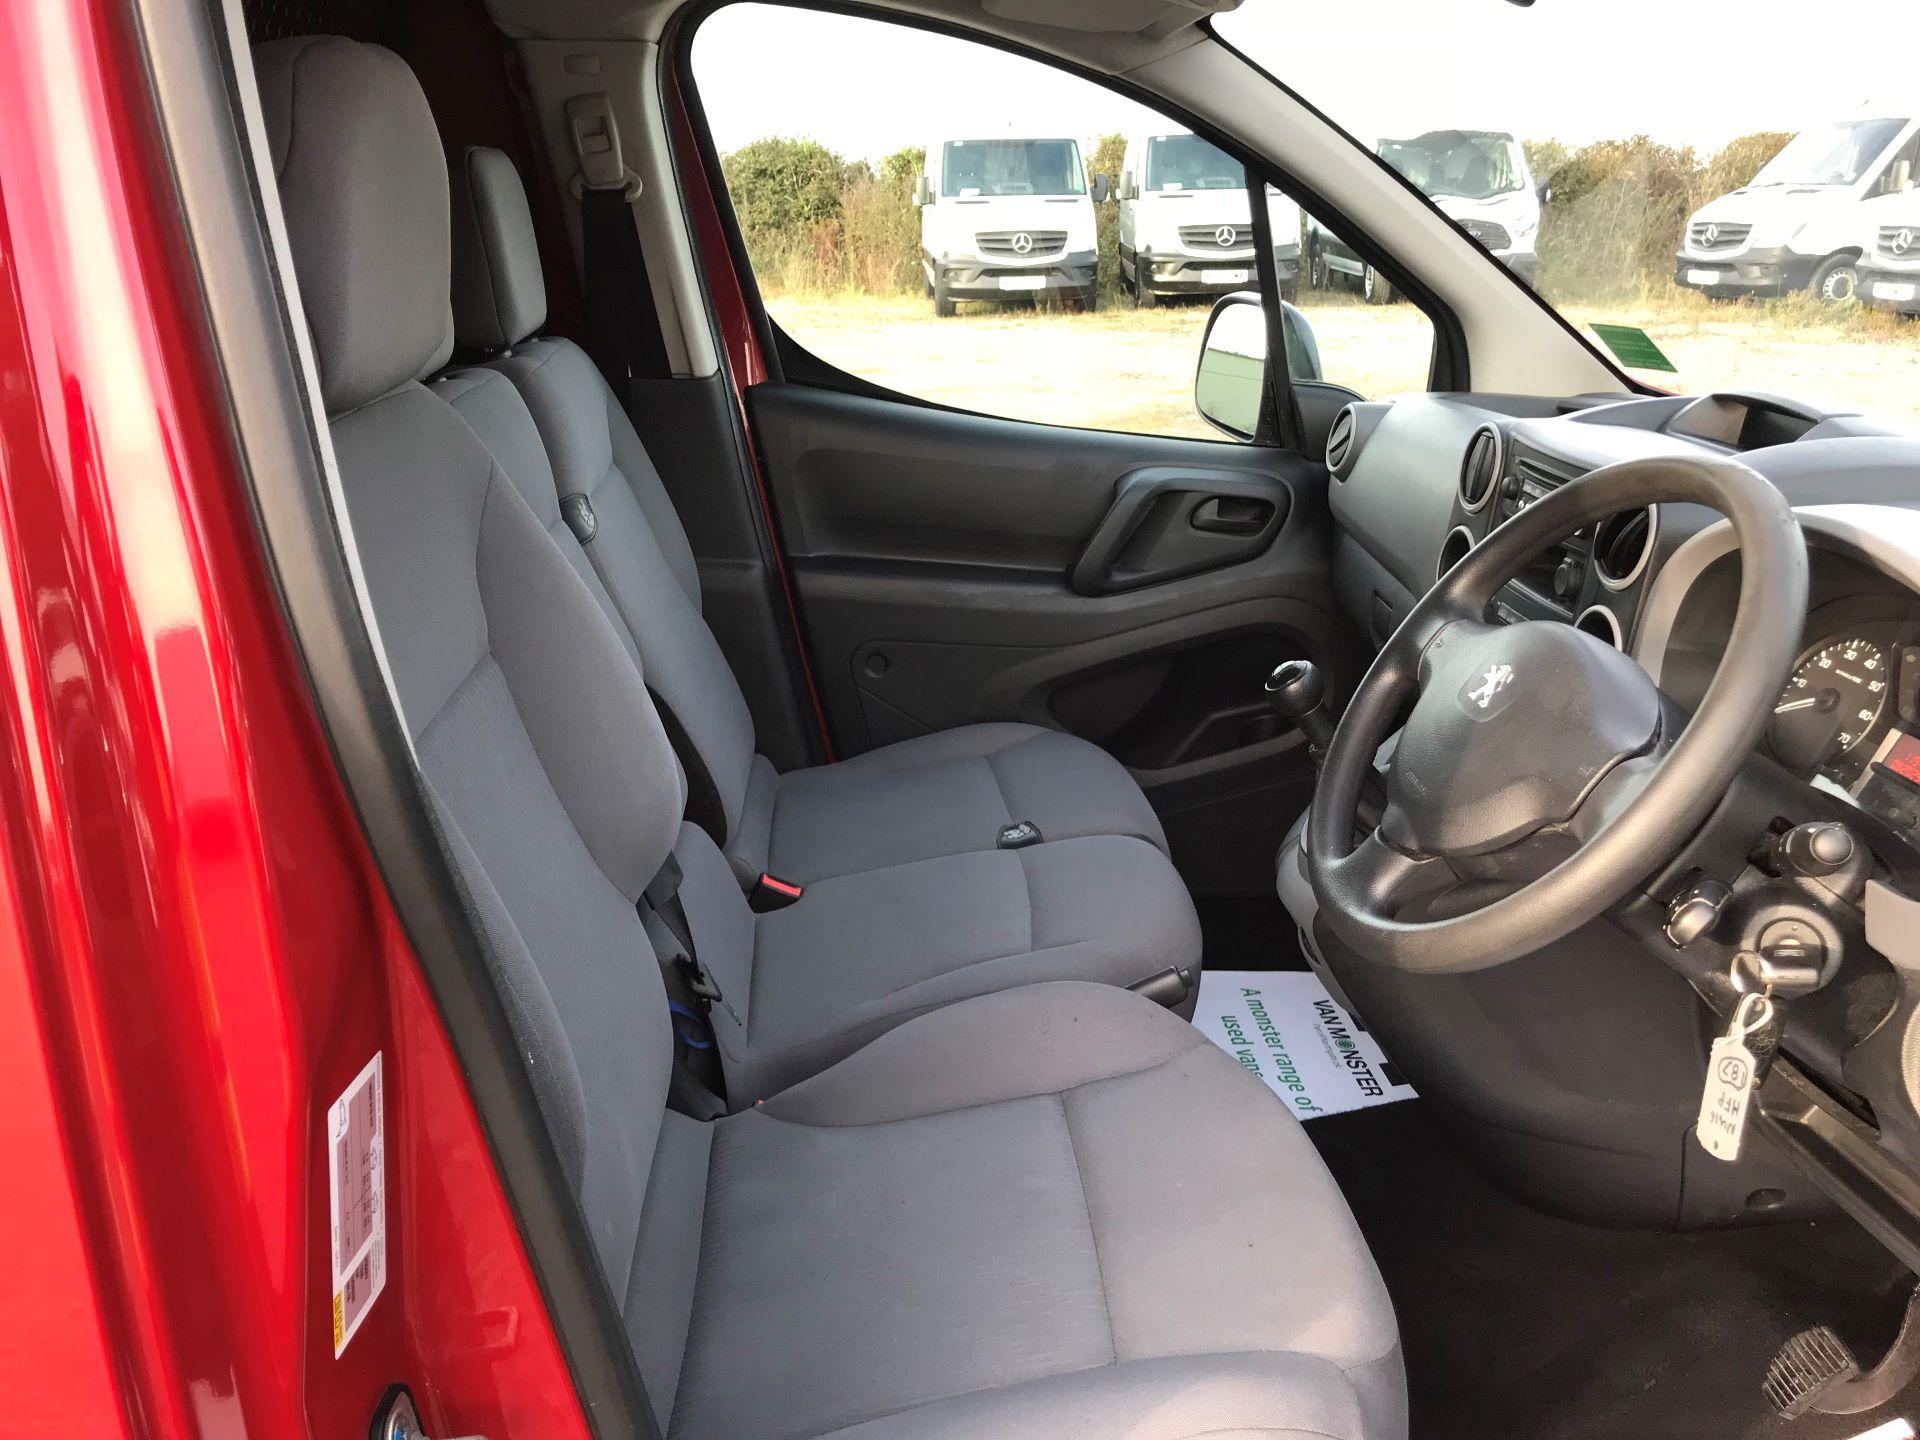 2016 Peugeot Partner  L1 850 SE 1.6 92PS EURO 5 RESTRICTED TO 70MPH (NU16HFP) Image 16